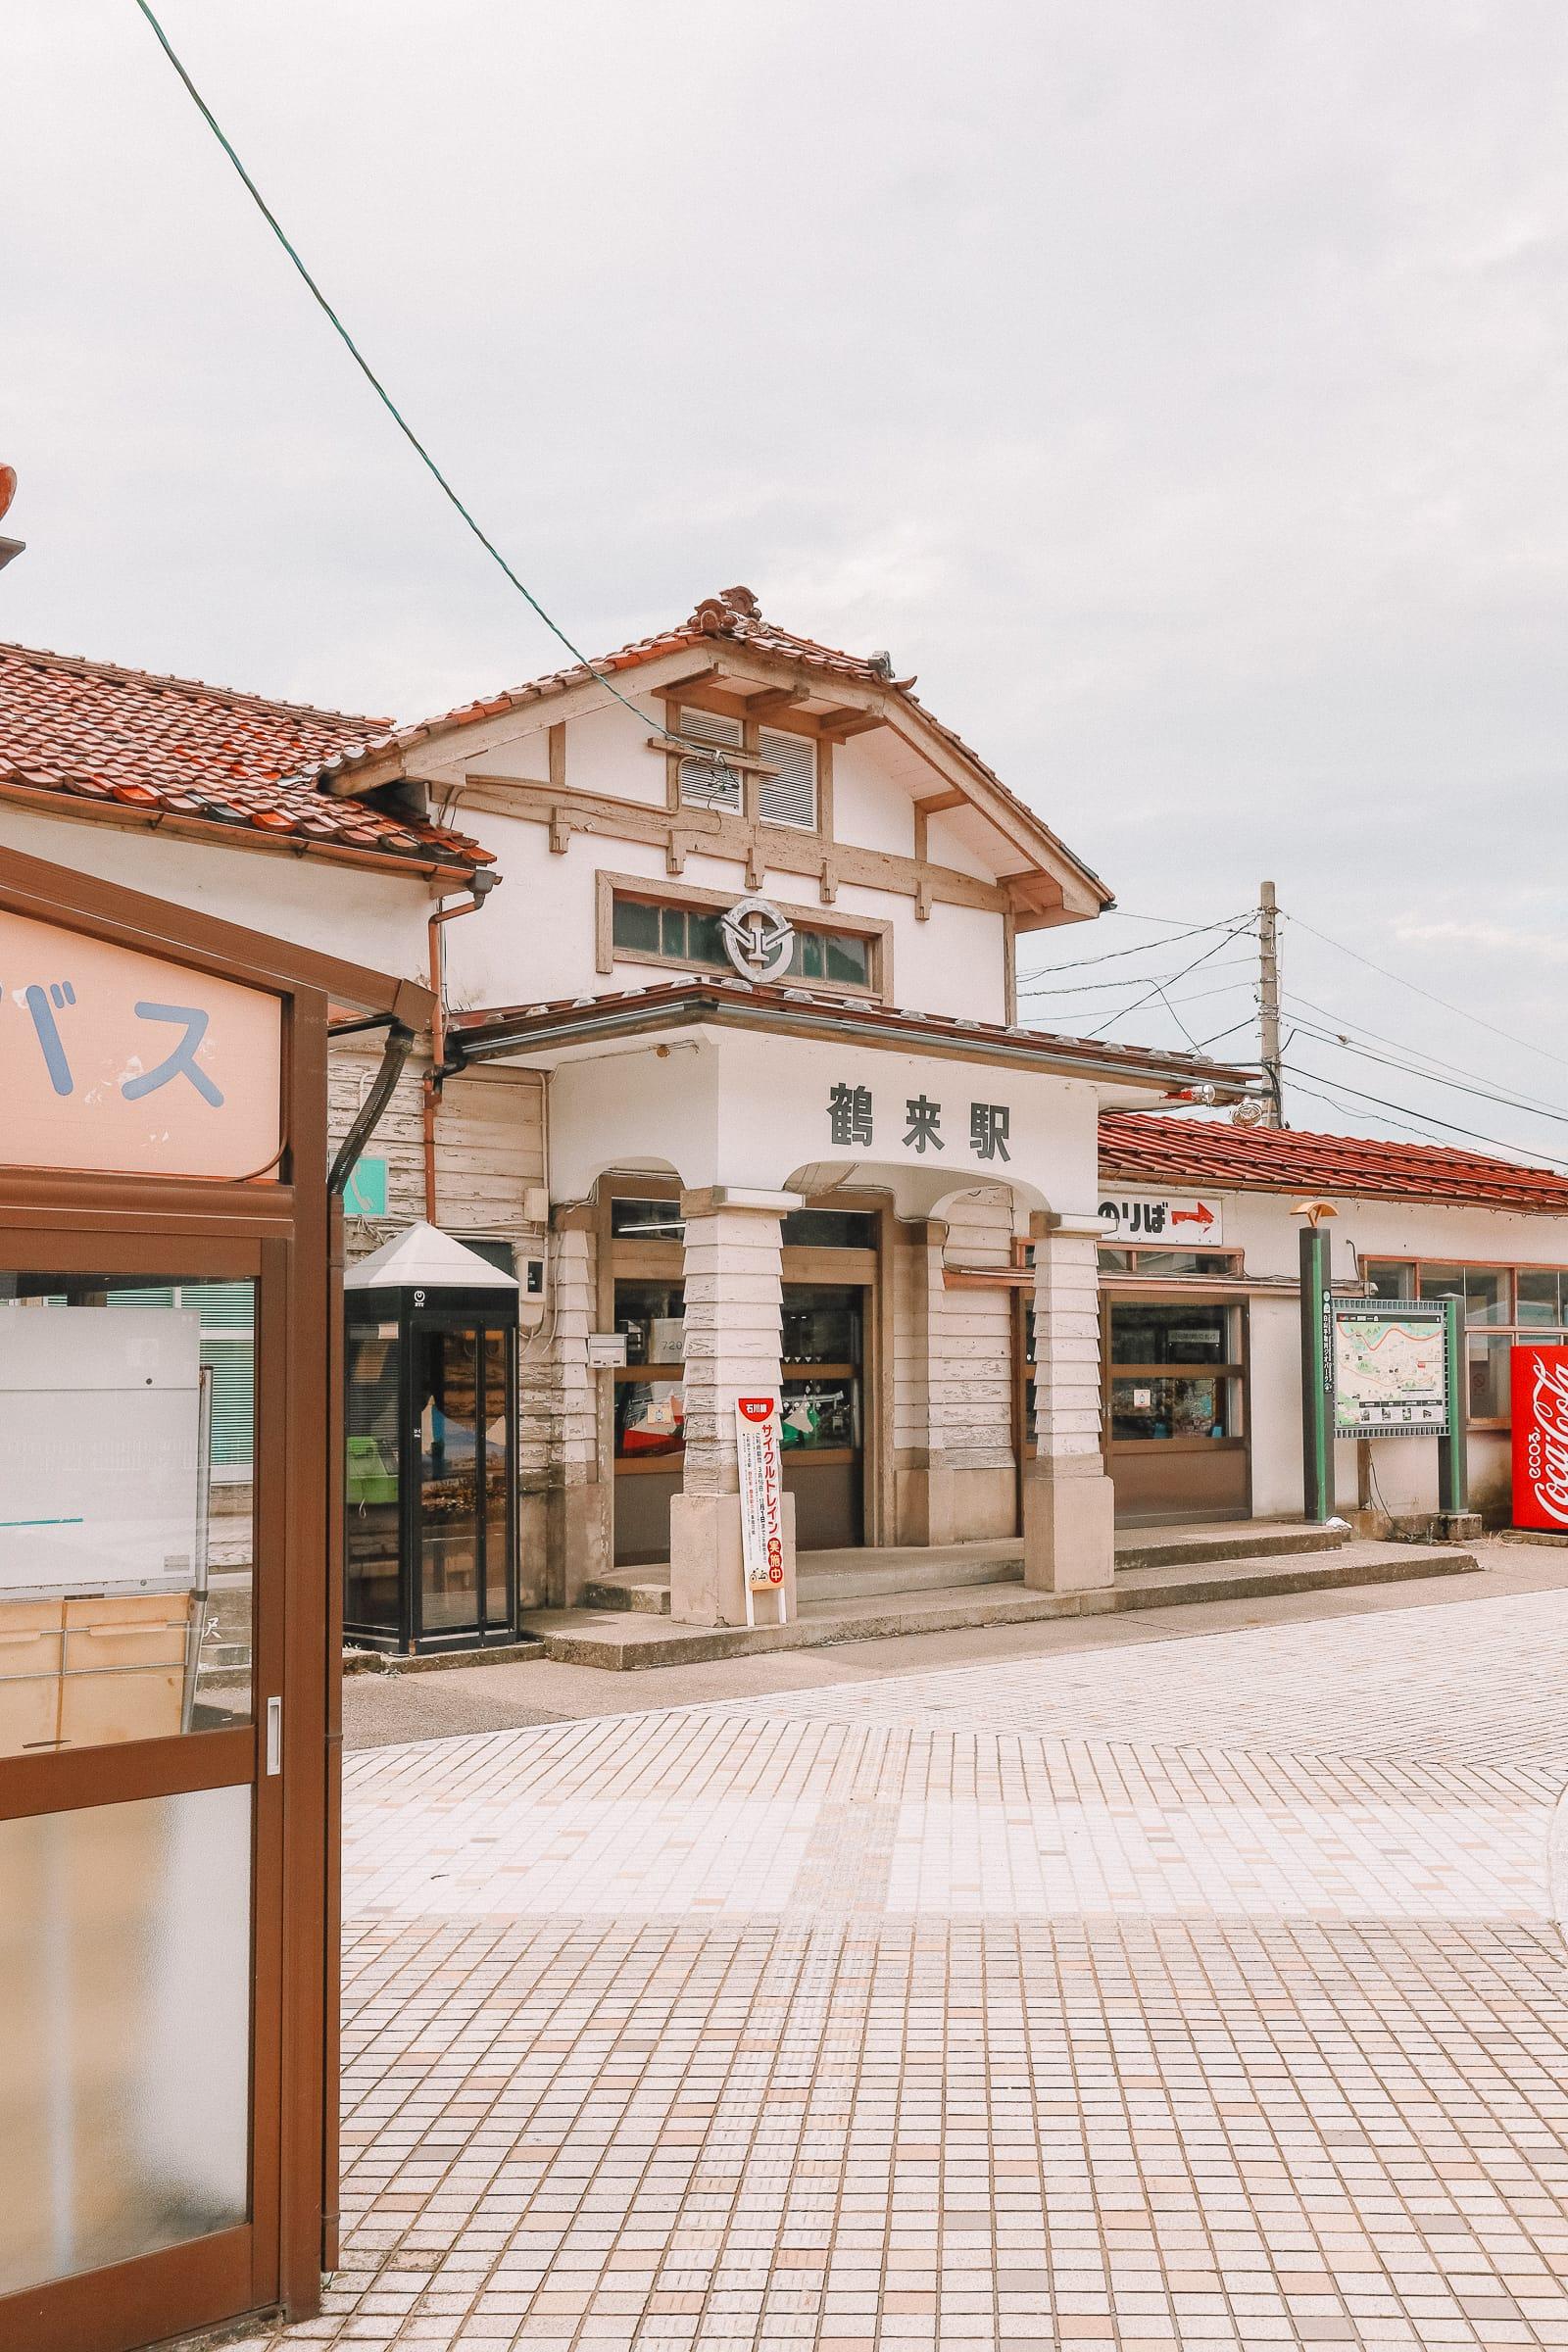 Finding The Samurai District Of Kanazawa and Hakusan City - Japan (44)